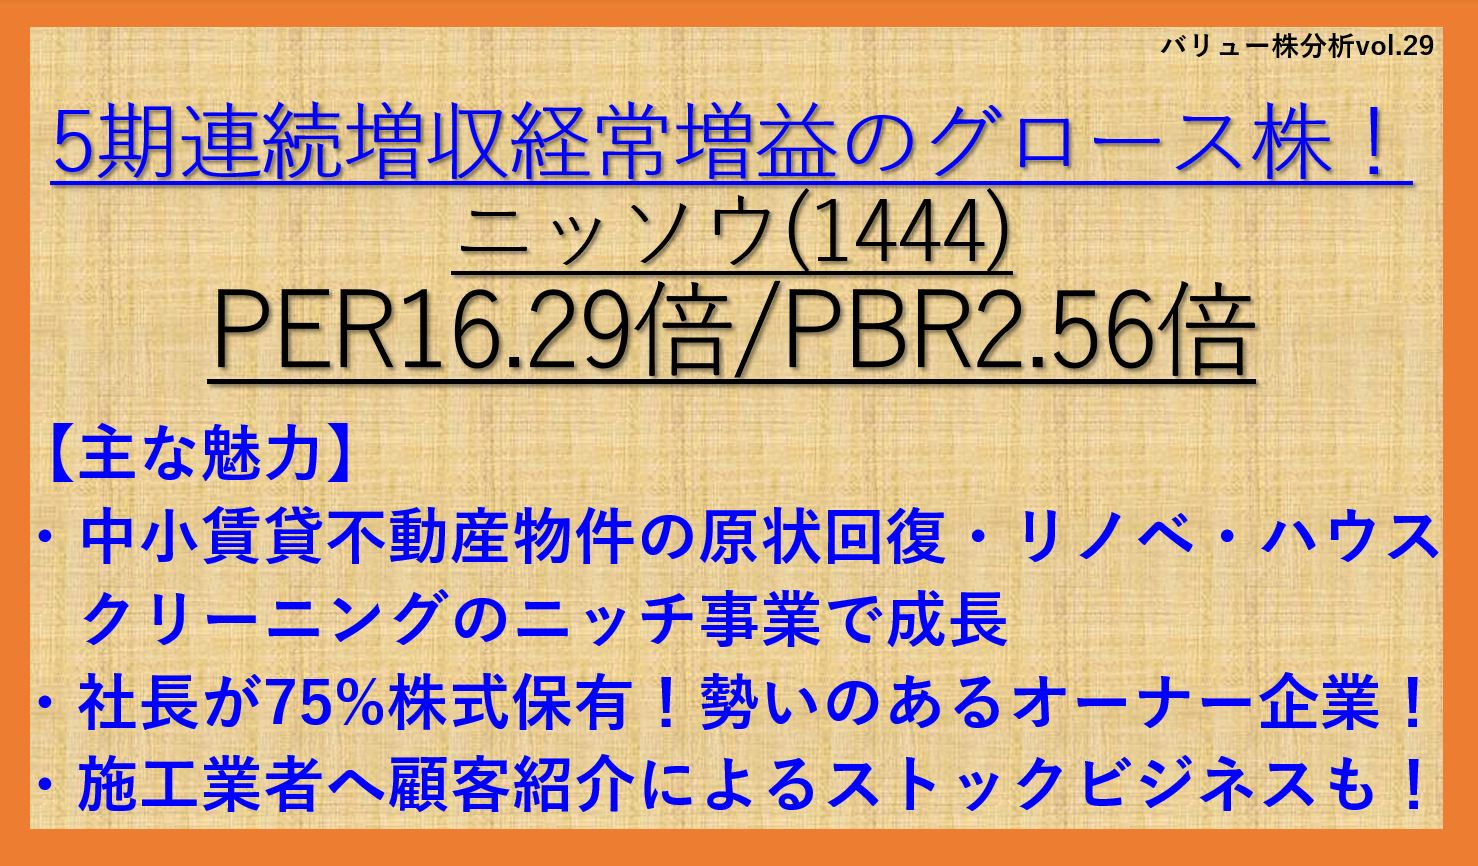 ニッソウ(1444)-バリュー株分析29